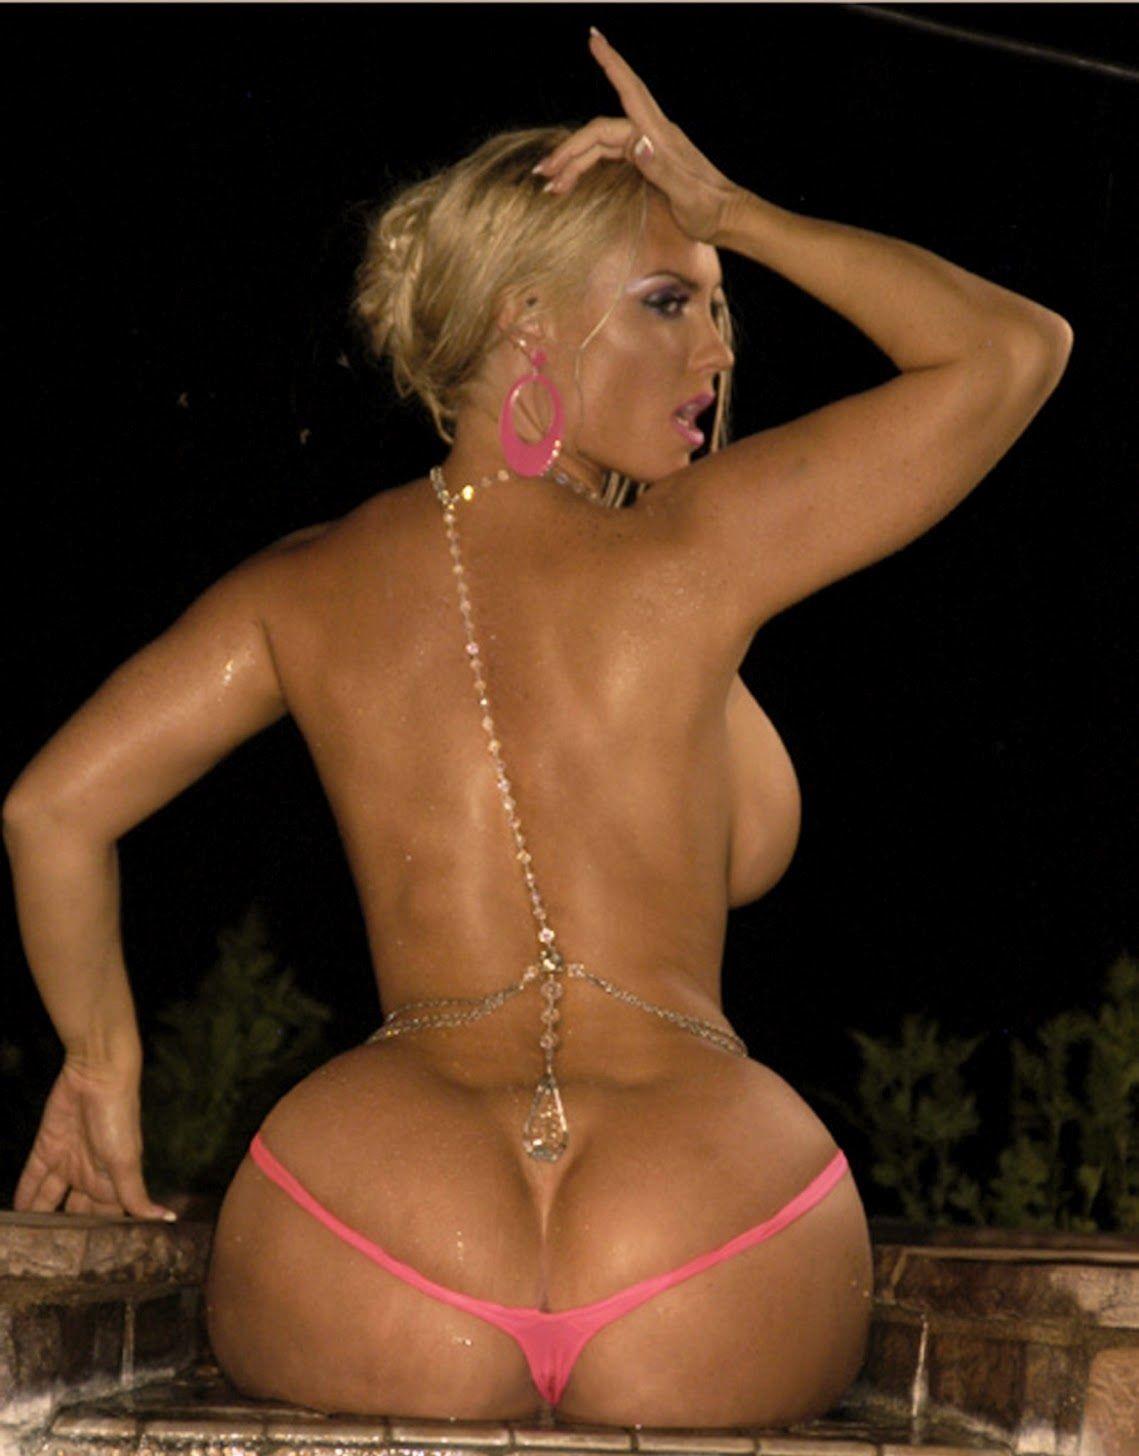 black light skinned naked woman